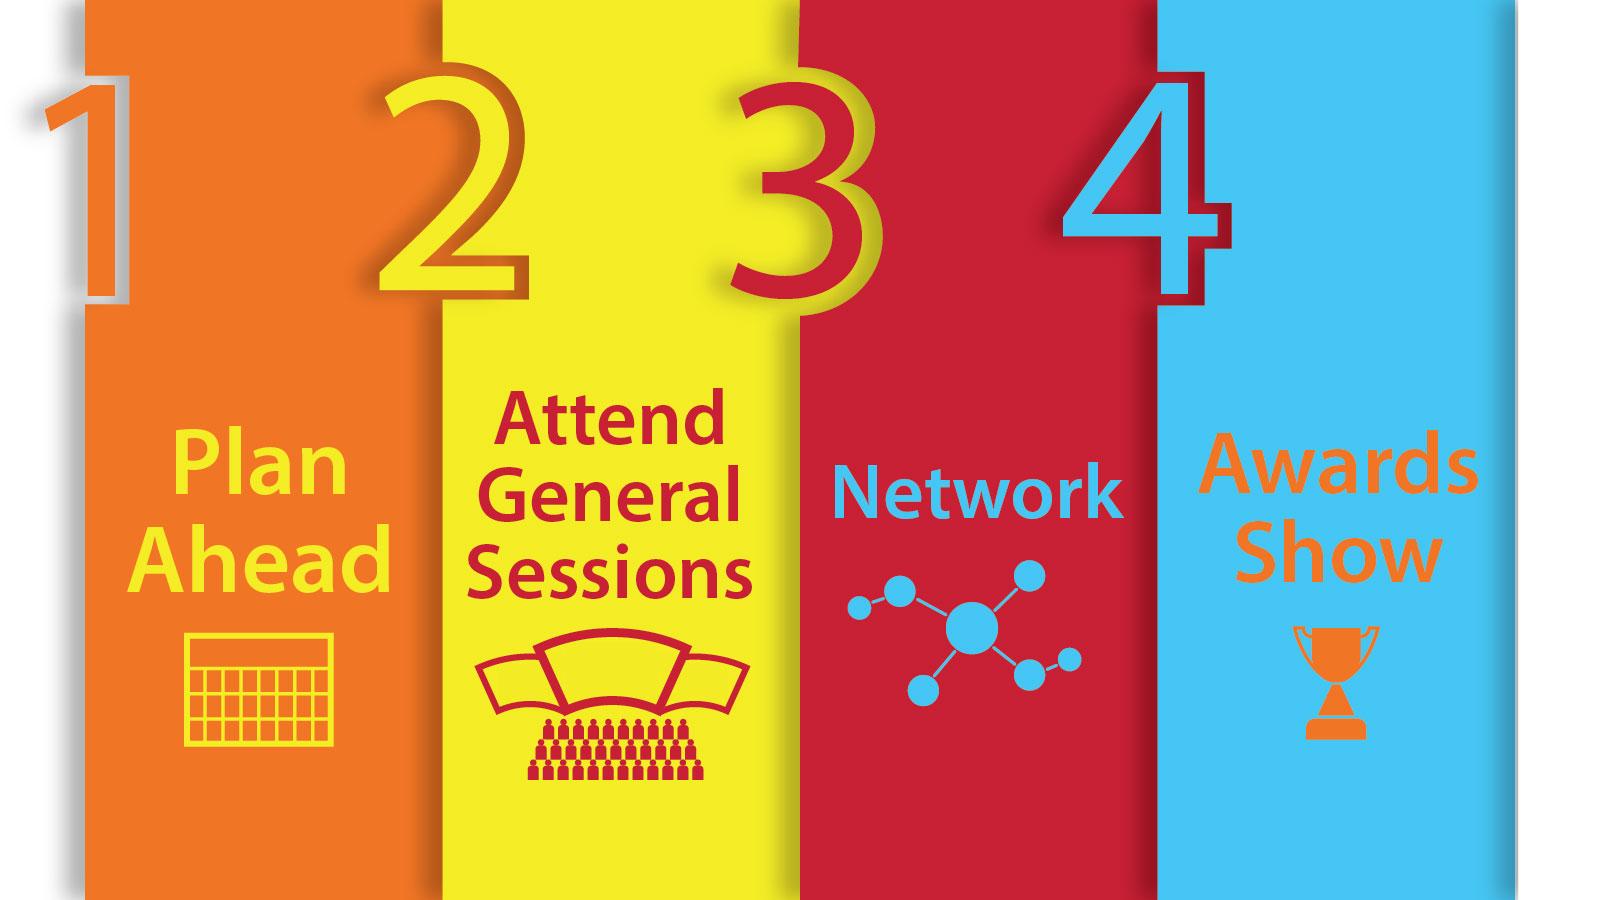 #USANA14, USANA convention, plan ahead, network, awards show